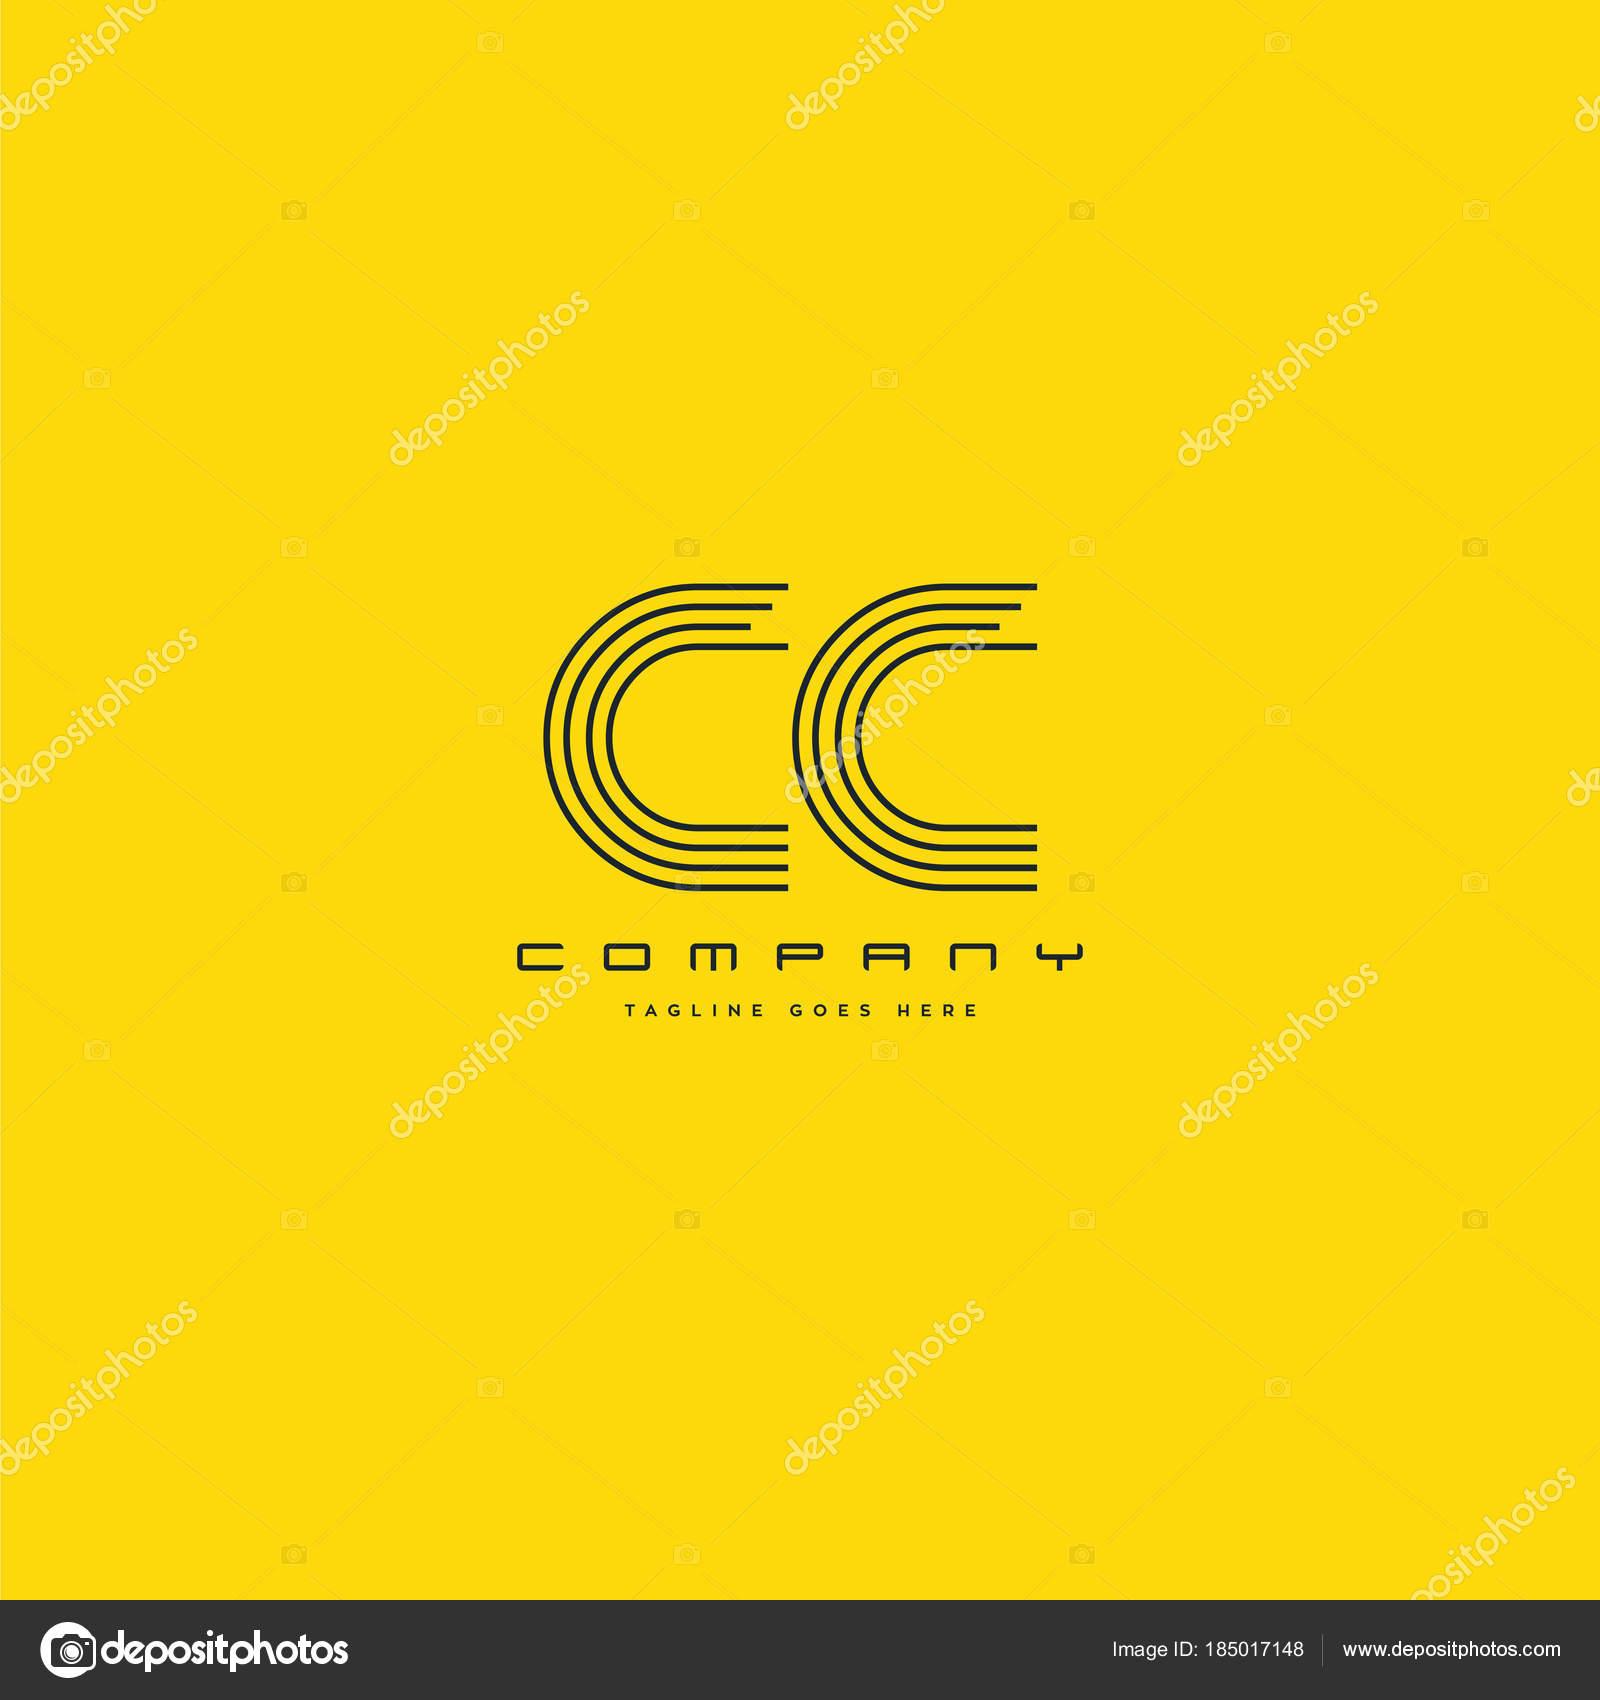 Logo De La Ligne Cc Pour Le Modele Carte Visite Vecteur En Collaboration Illustration Stock